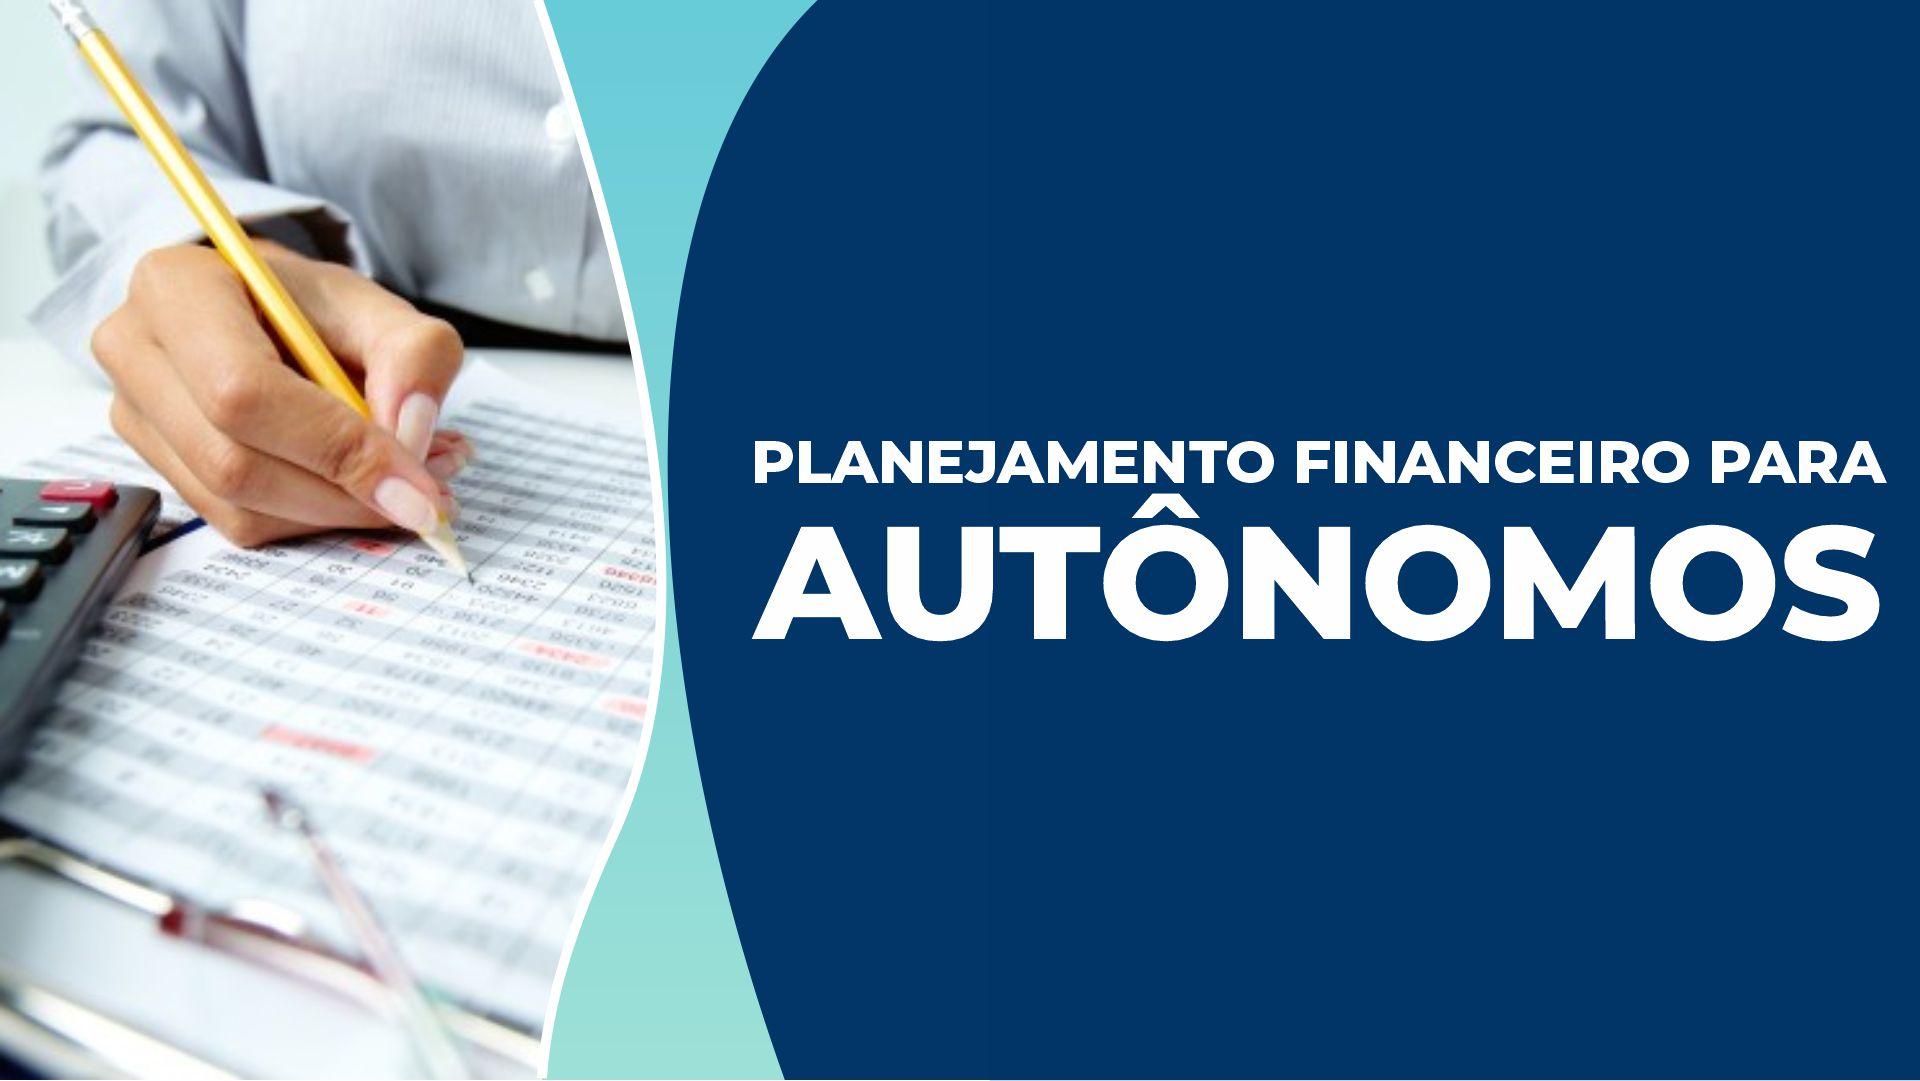 Planejamento financeiro para autônomos: Como criar o seu?